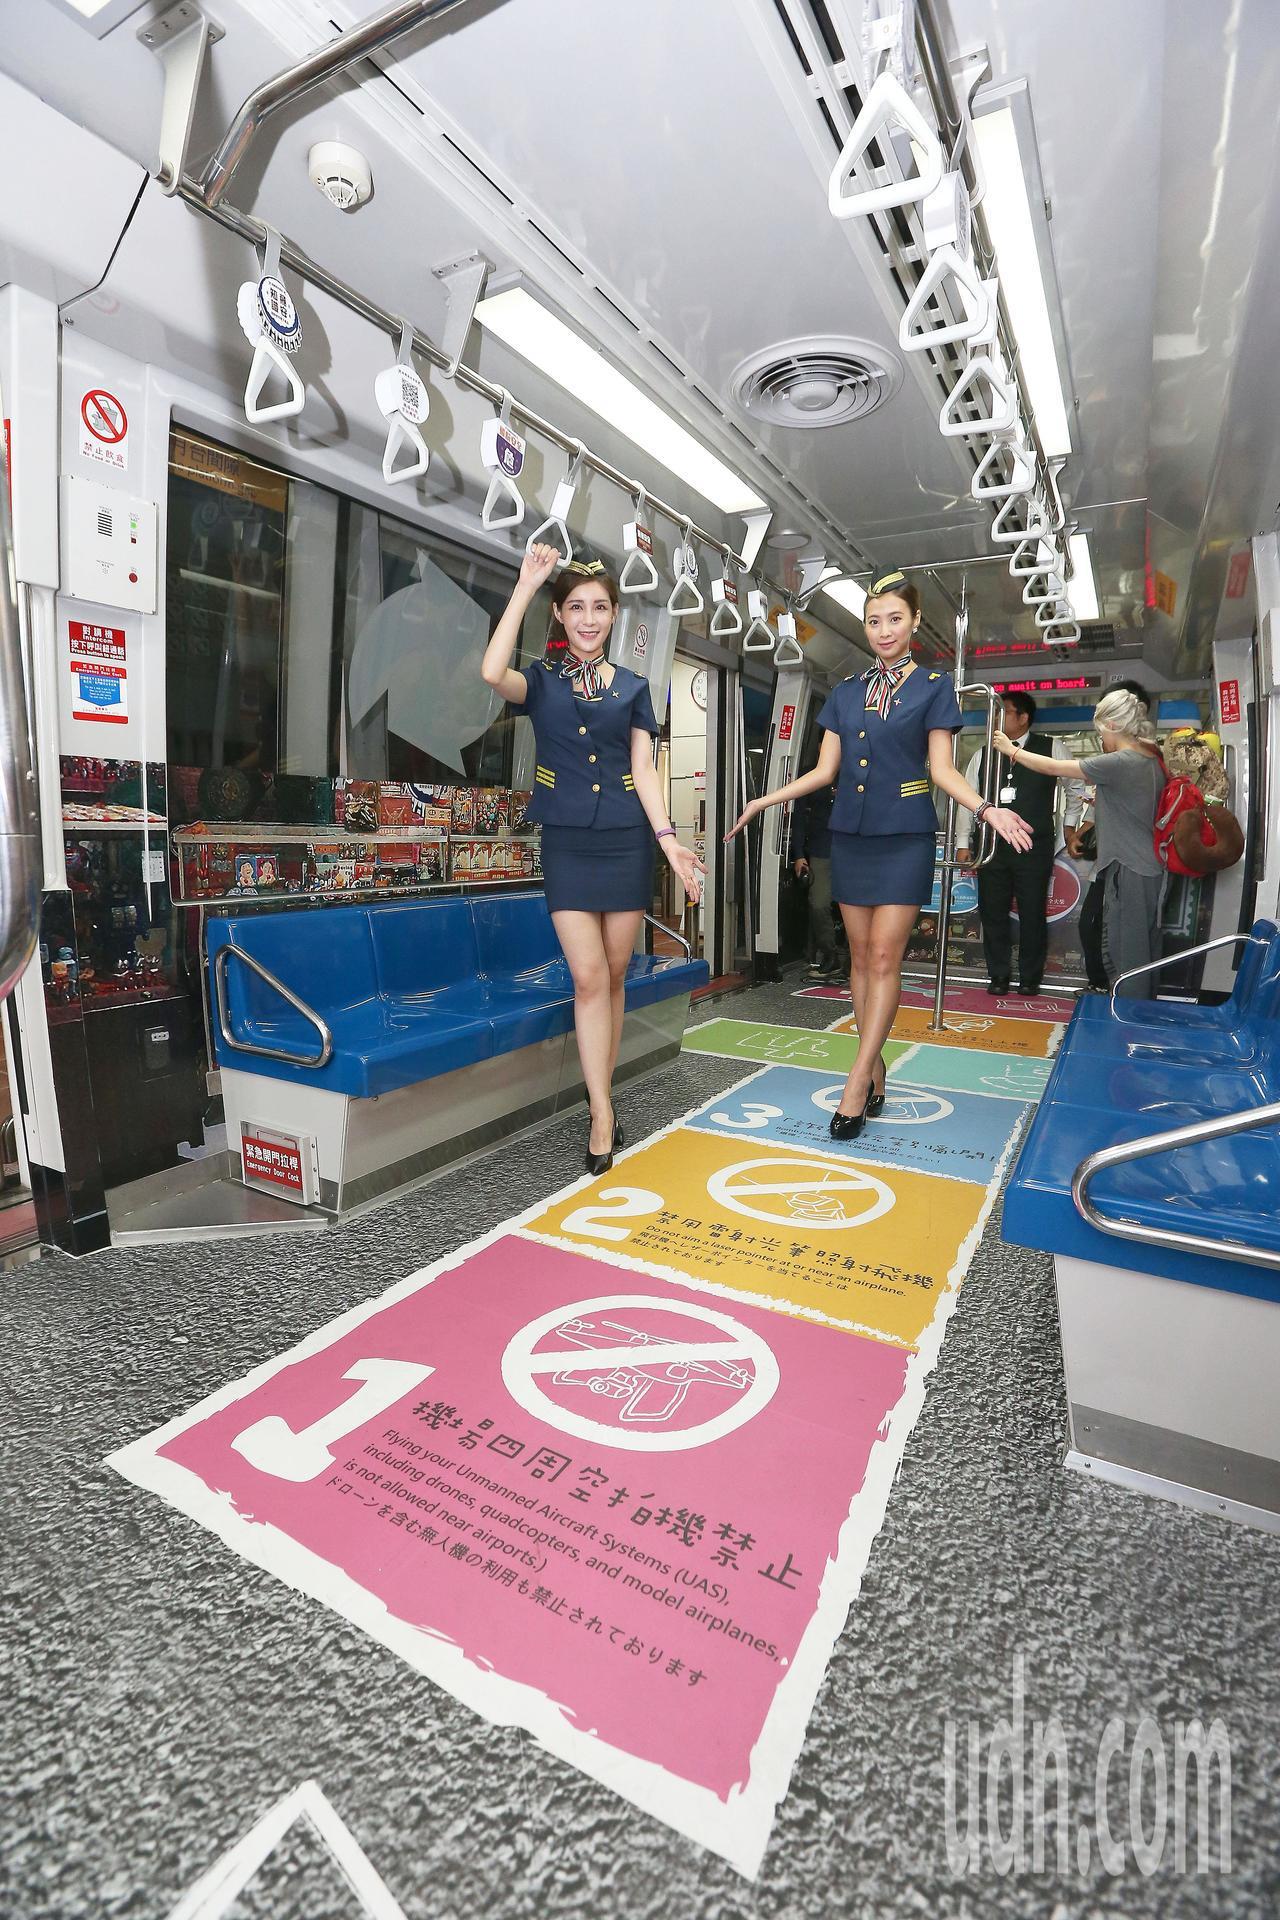 桃園機場公司推動飛安宣導,在連結兩座航廈的電車站及車廂設置裝置藝術壁貼,把候車月...